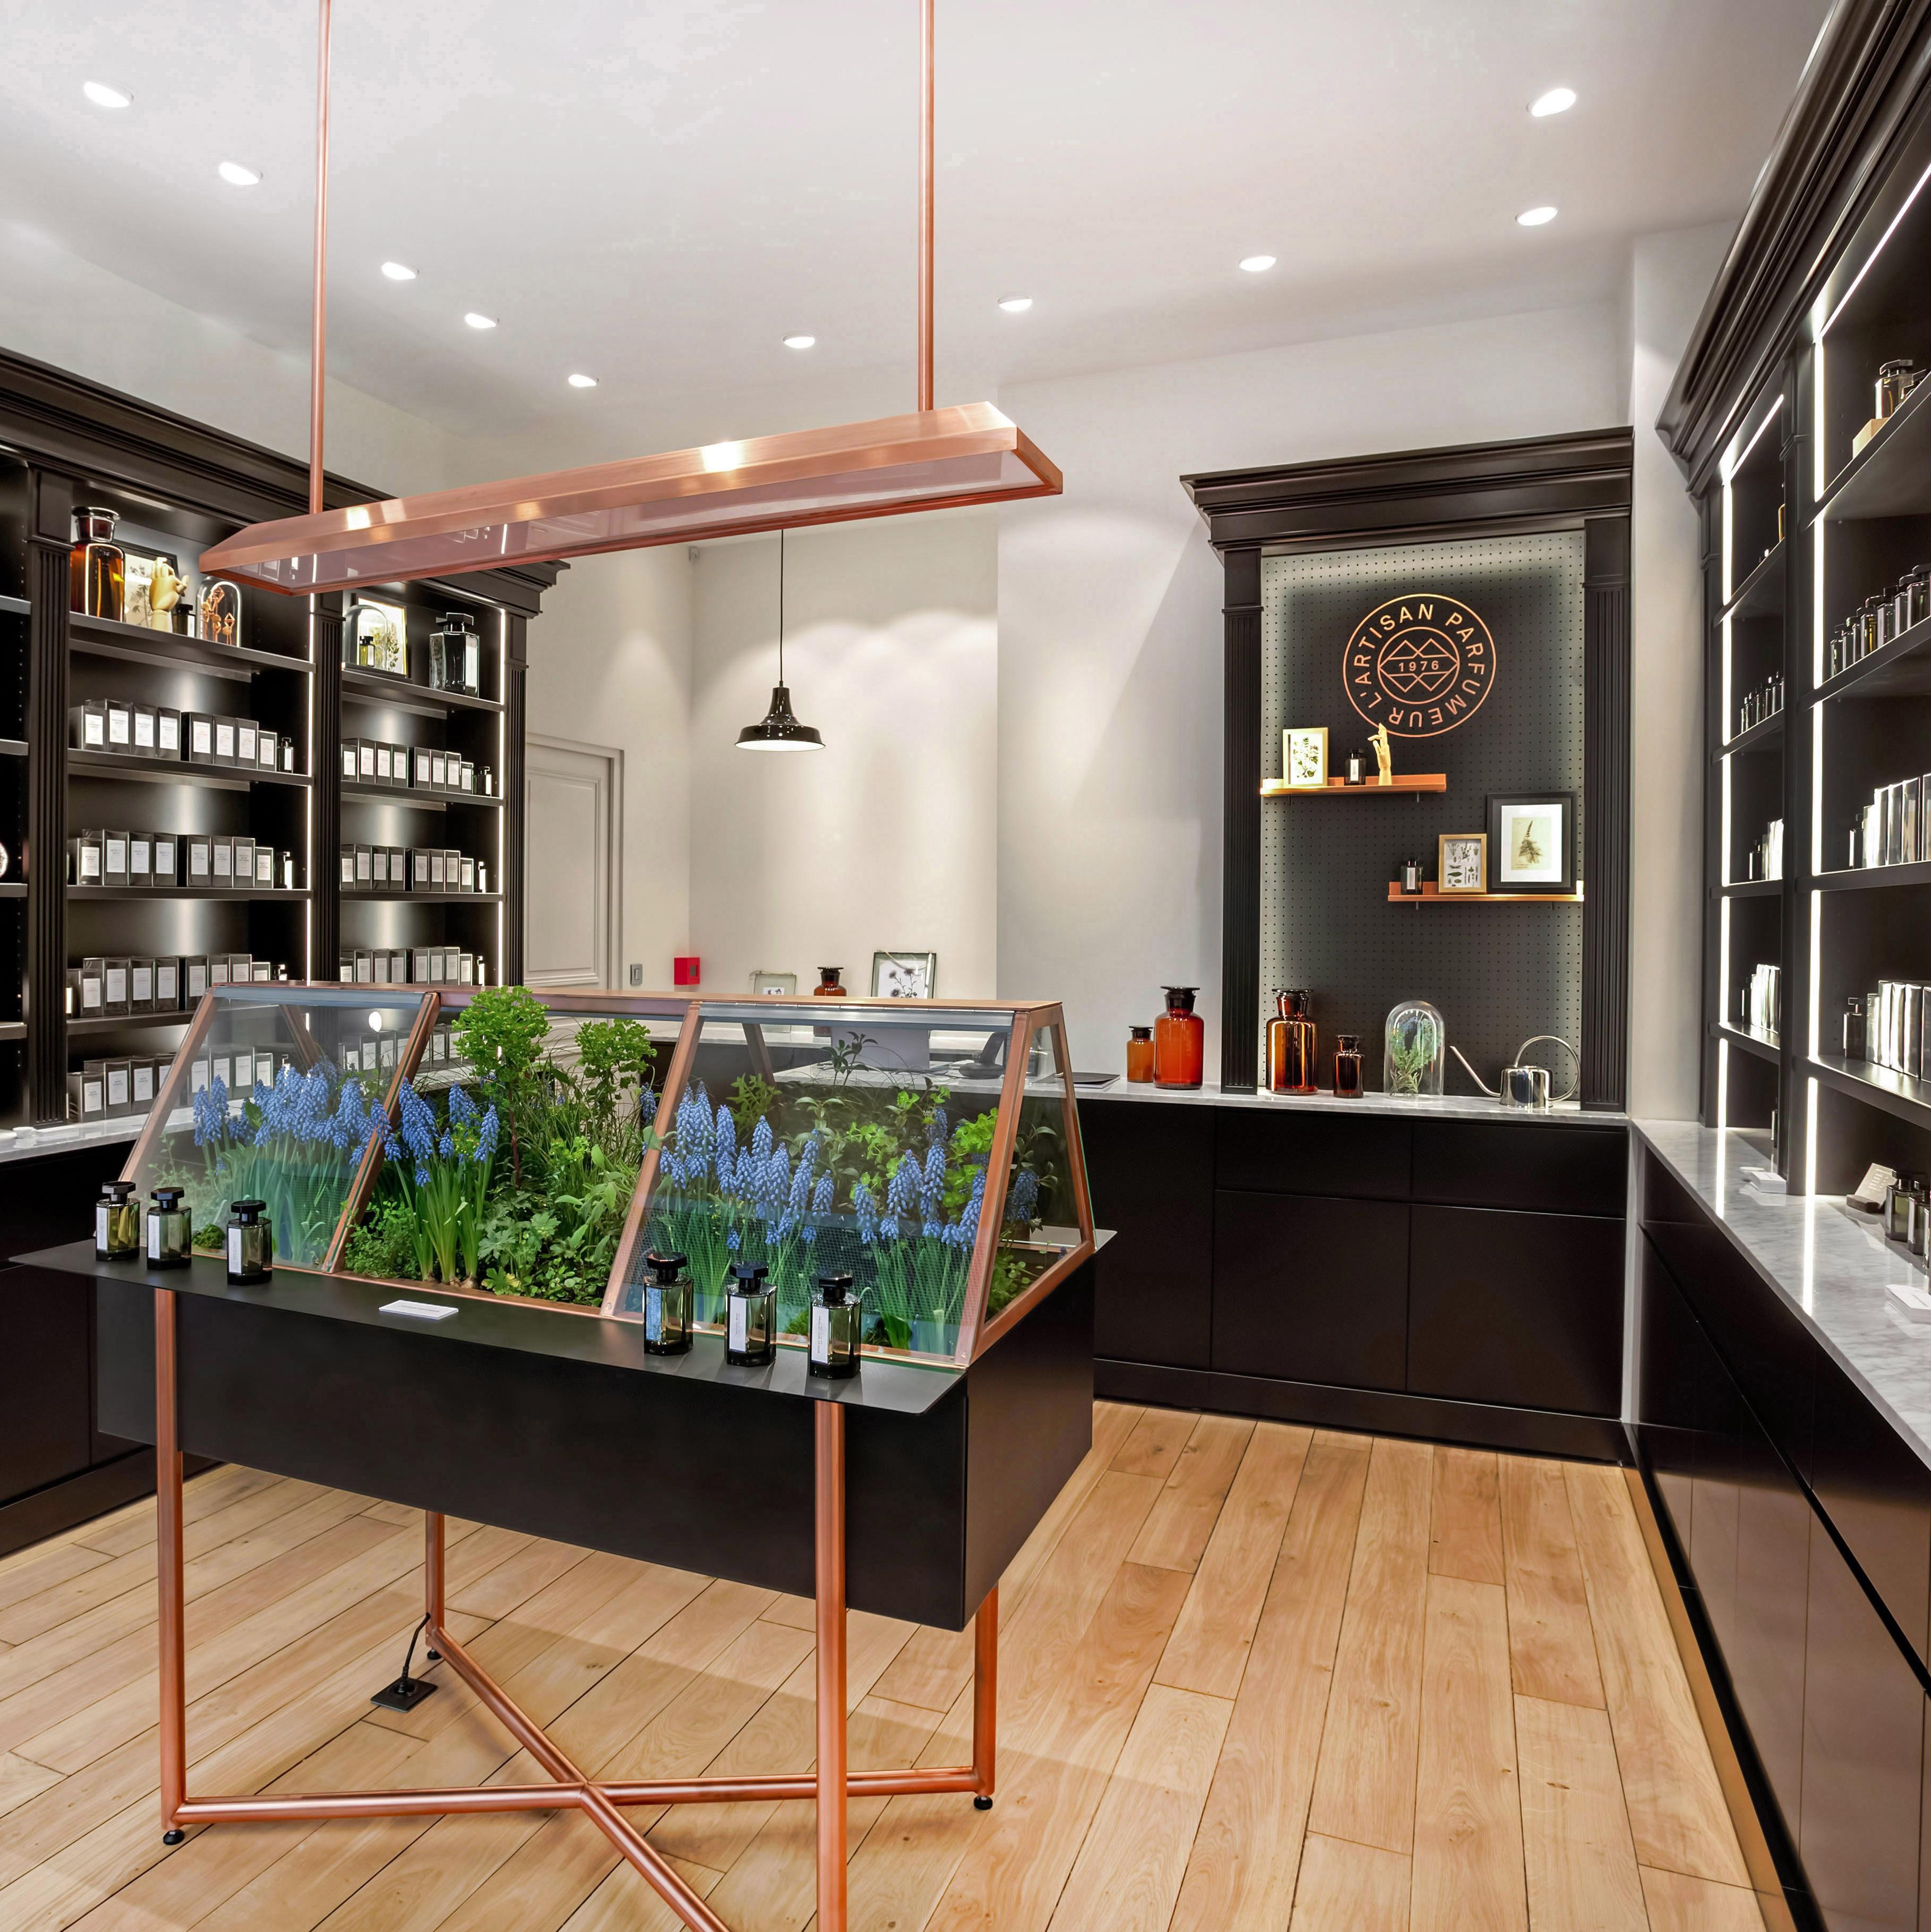 l 39 artisan parfumeur madeleine paris parfumerie de. Black Bedroom Furniture Sets. Home Design Ideas